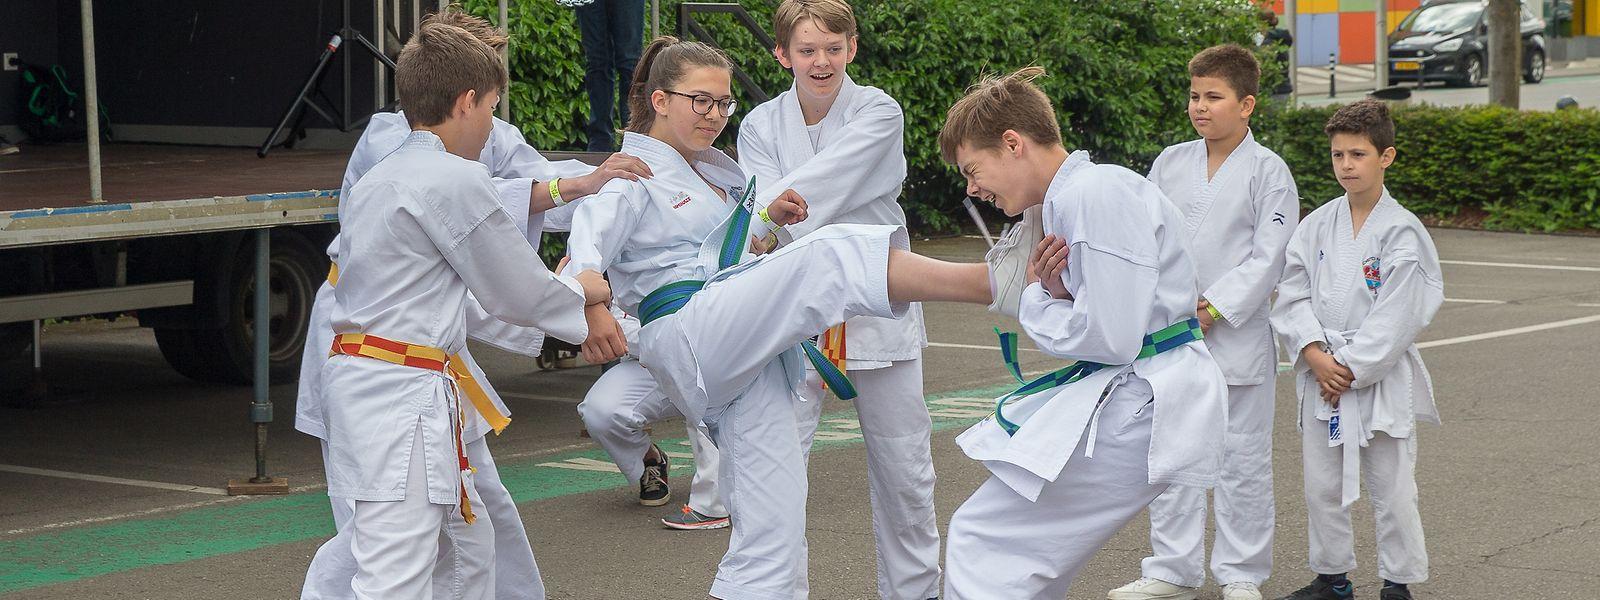 Viele Kinder zeigten Begeisterung für Kampfsportarten.